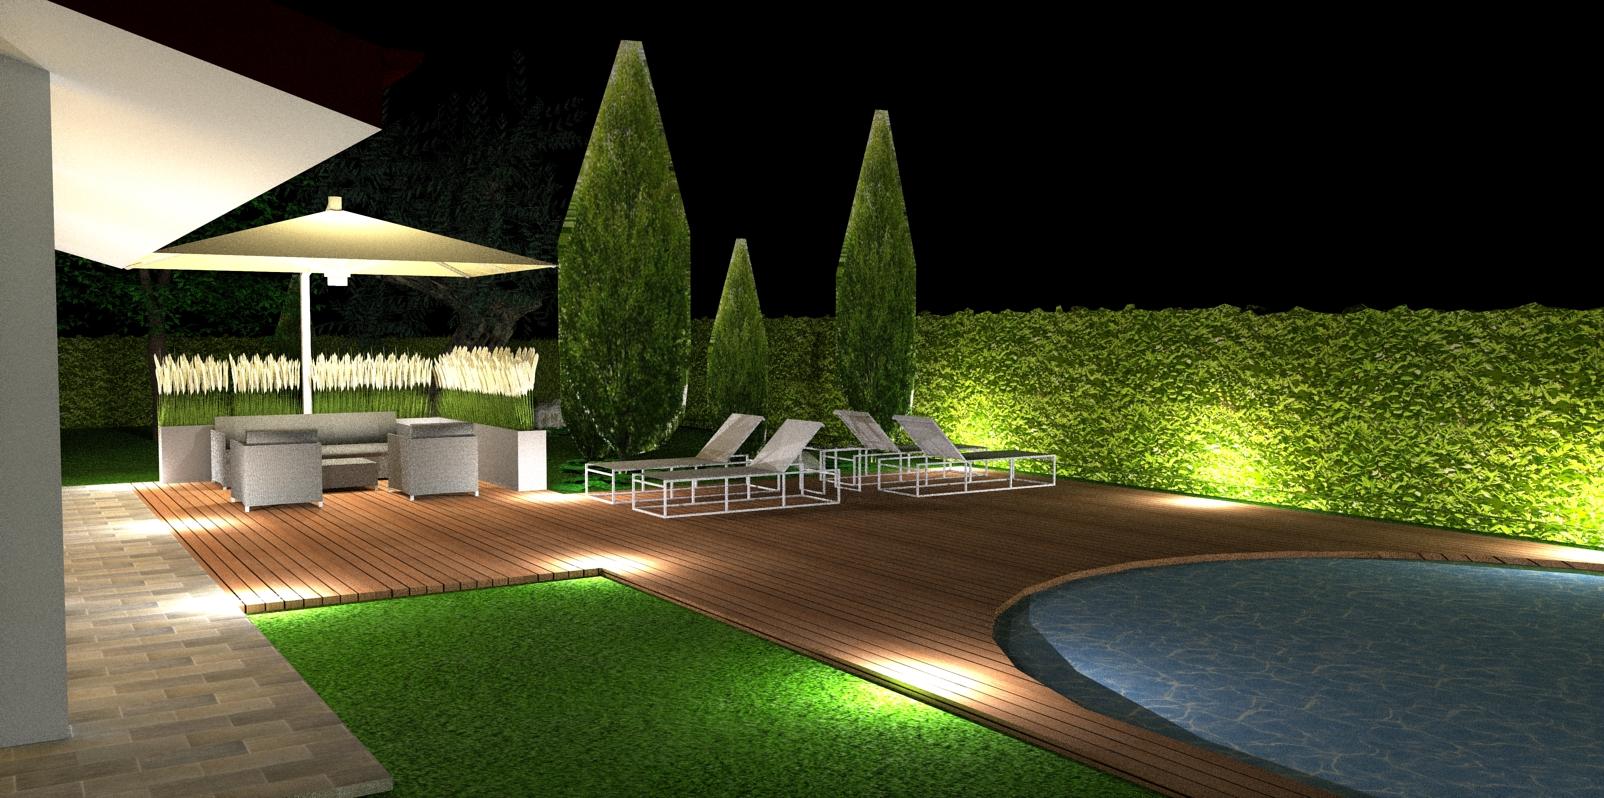 Progettazione - Progetto Giardino